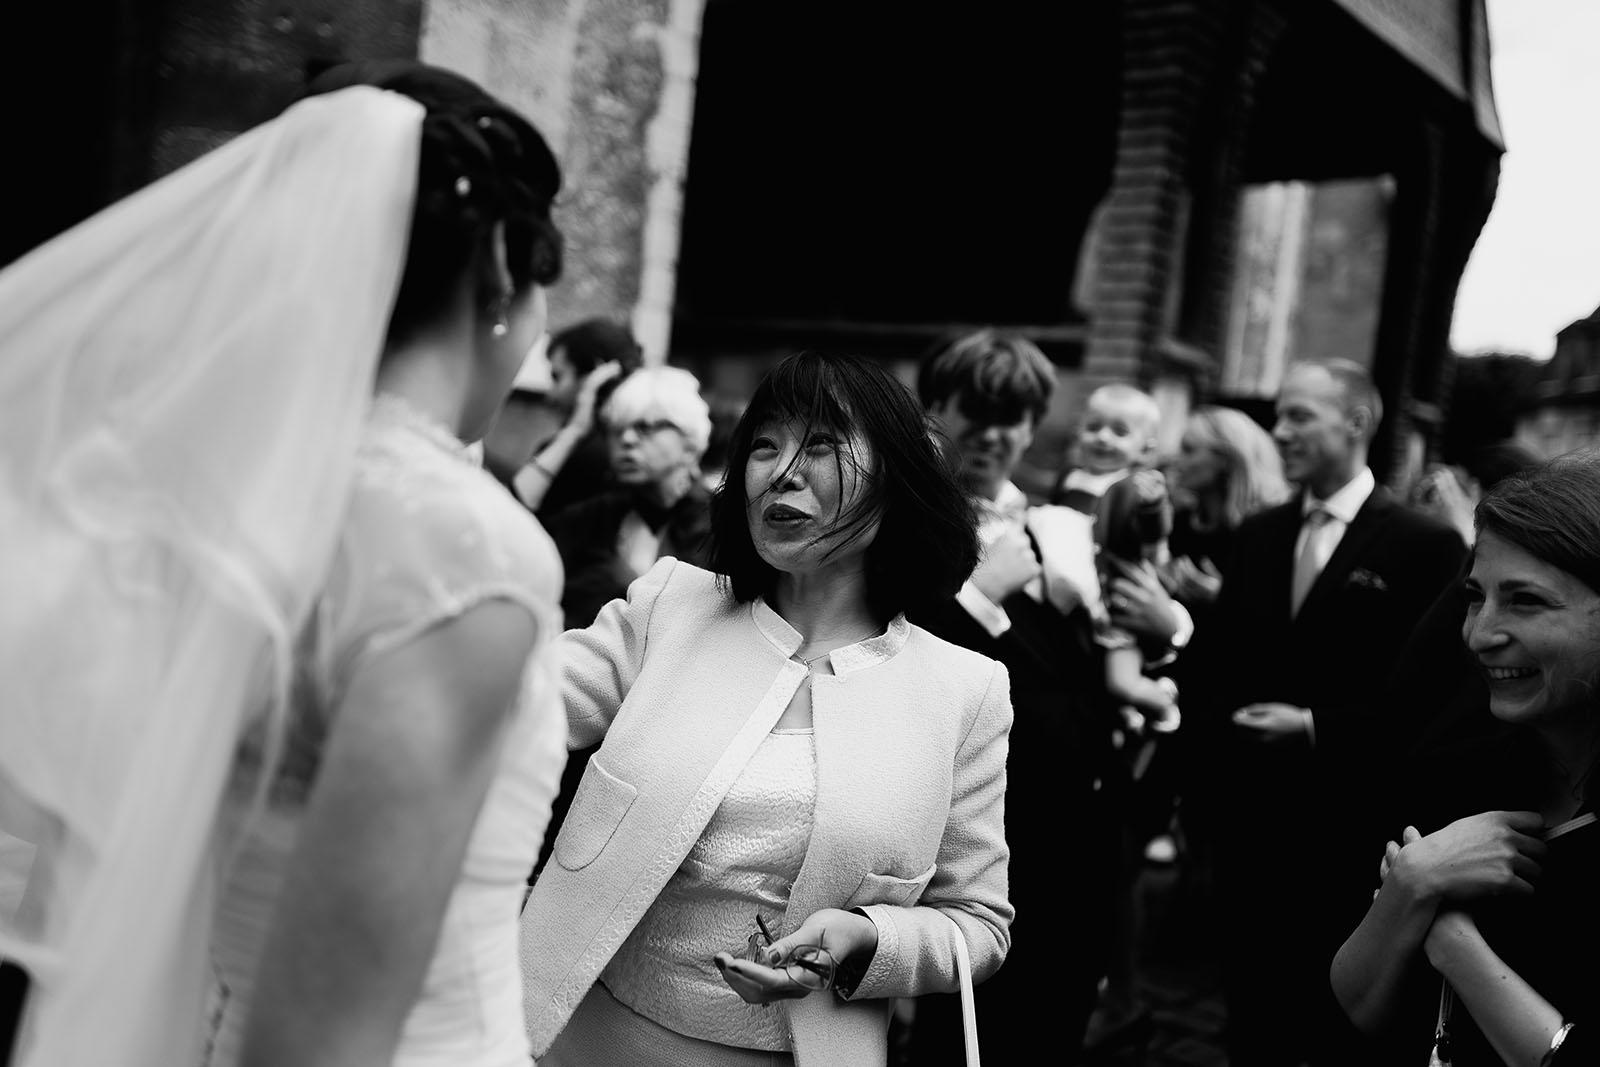 Mariage au Manoir de Corny en Normandie. La sortie de l'église et les invités